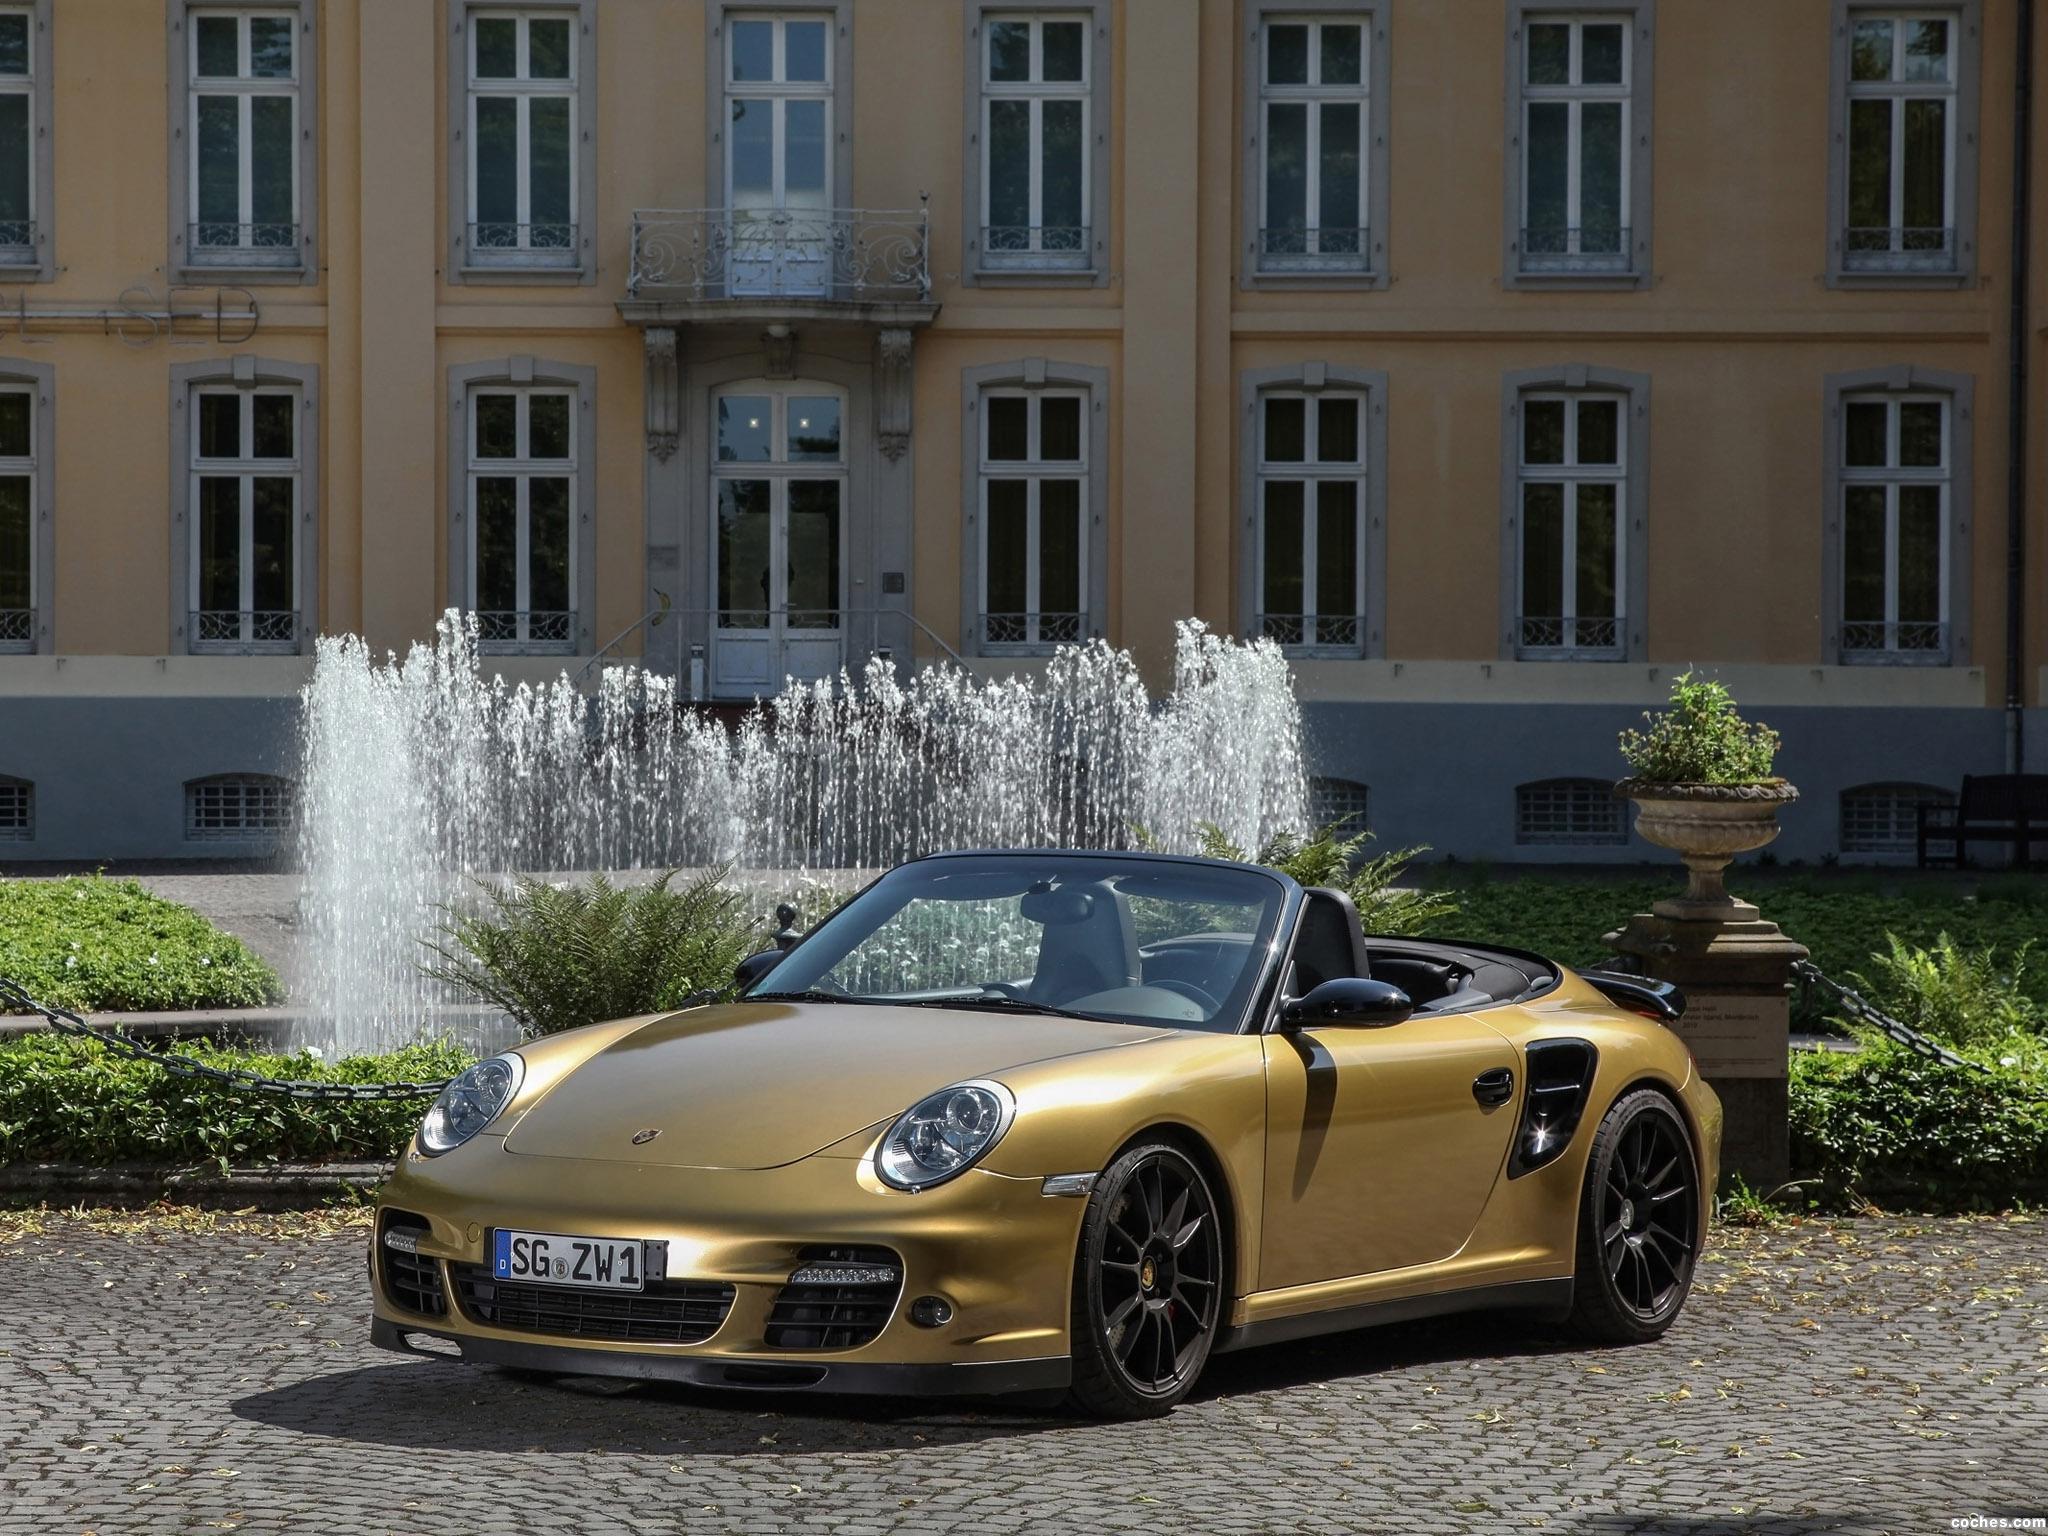 Foto 8 de Porsche Wimmer RS 911 Turbo Cabriolet 997 2016